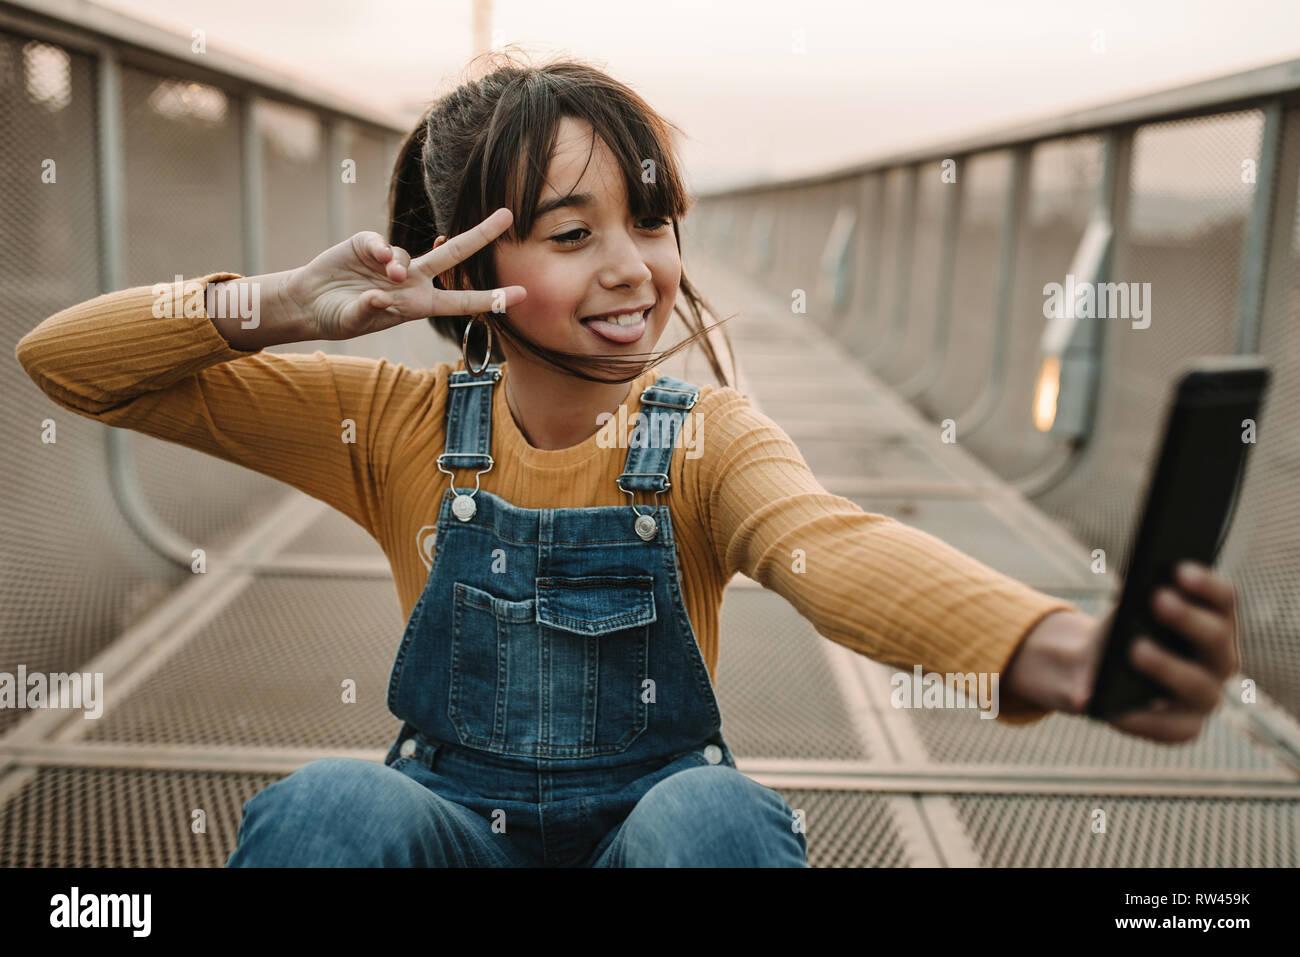 Funny girl taking selfie on smartphone on walkway - Stock Image